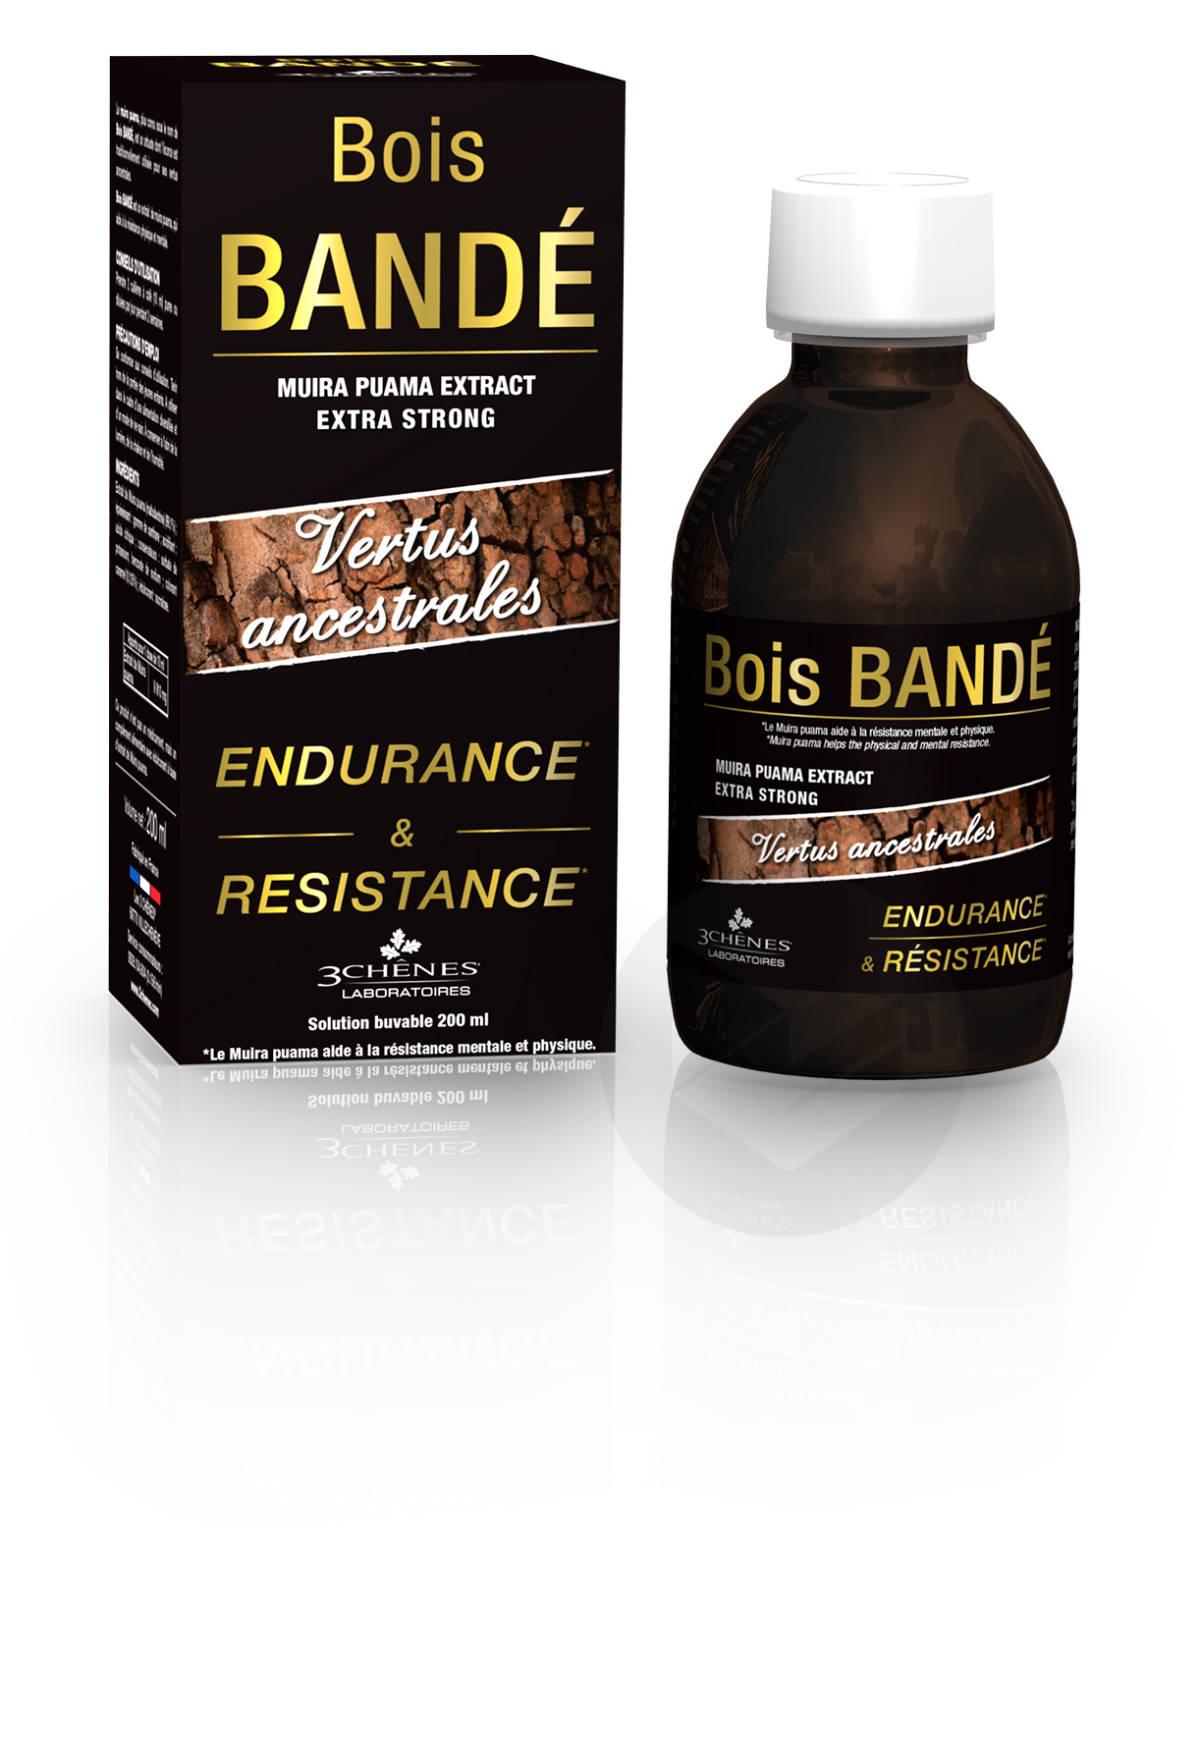 Bois Bandé 200ml